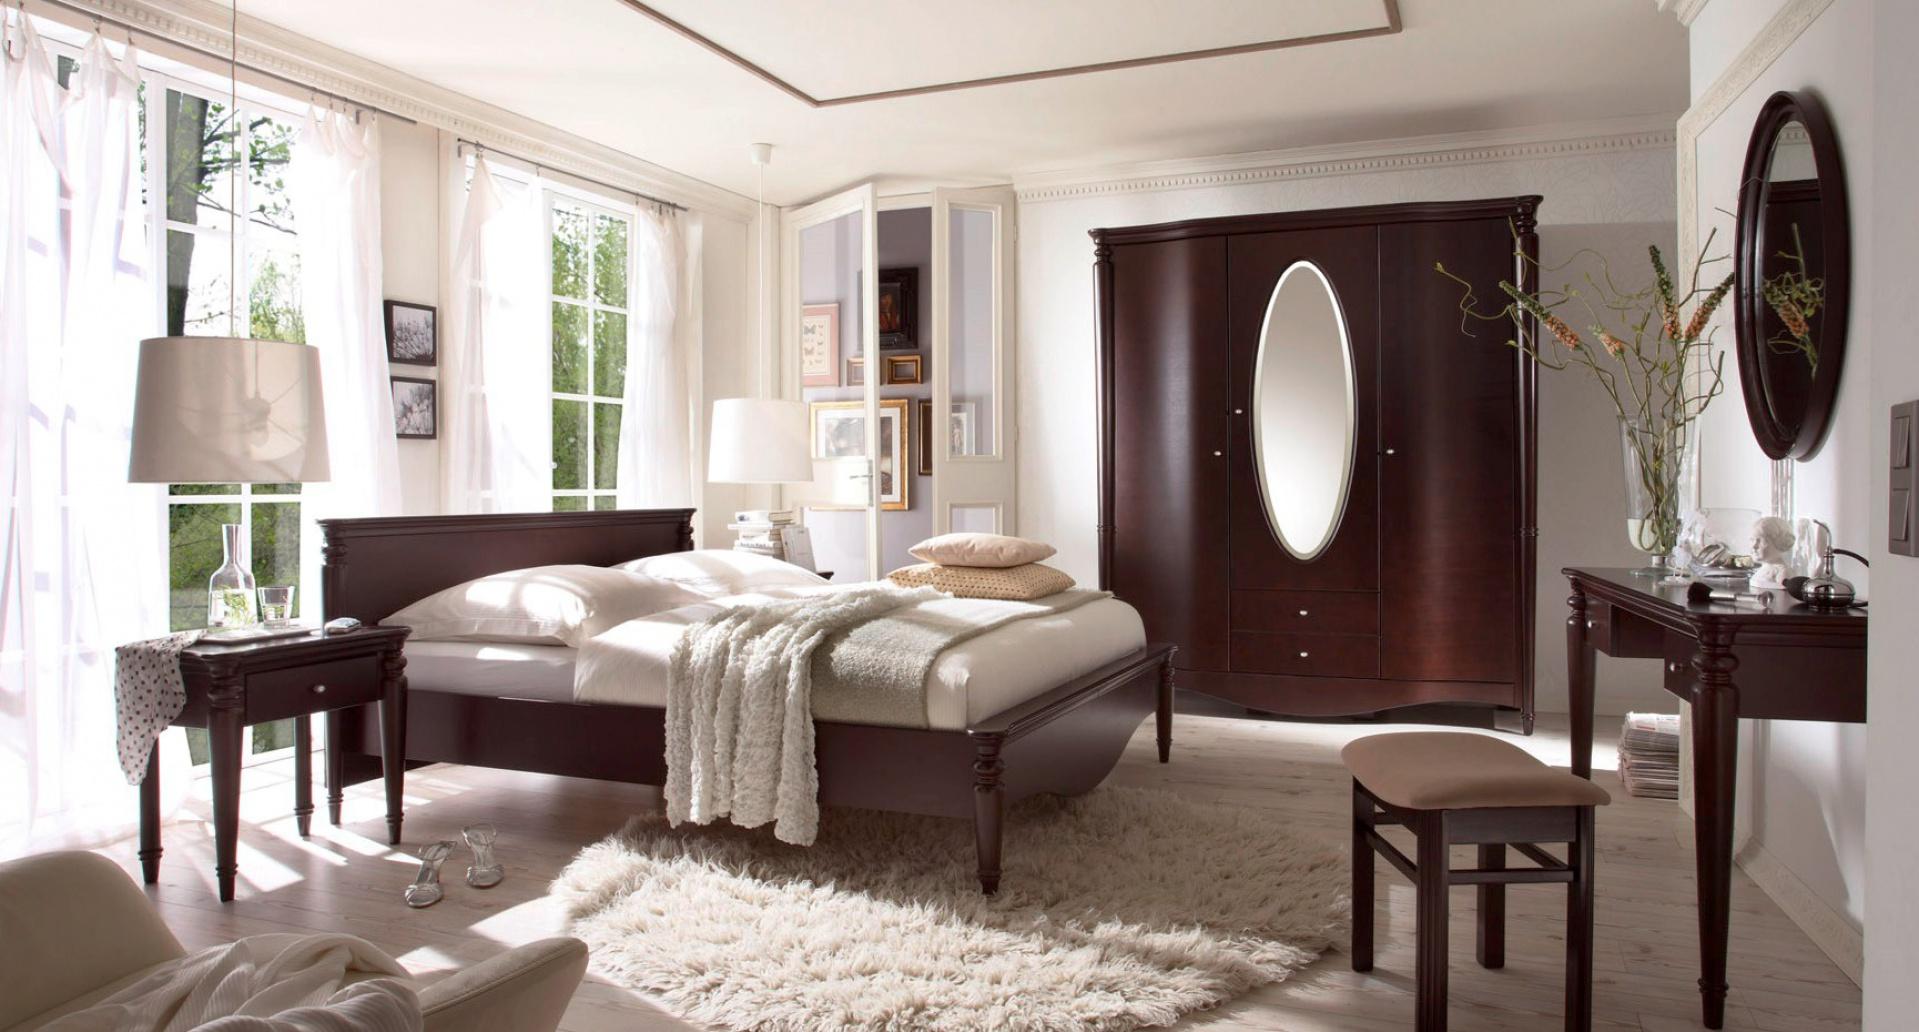 Meble z kolekcji Villa nawiązują do secesyjnego stylu. Delikatne, faliste linie meble z dobrze dopracowanymi detalami. Fot. Bydgoskie Meble.